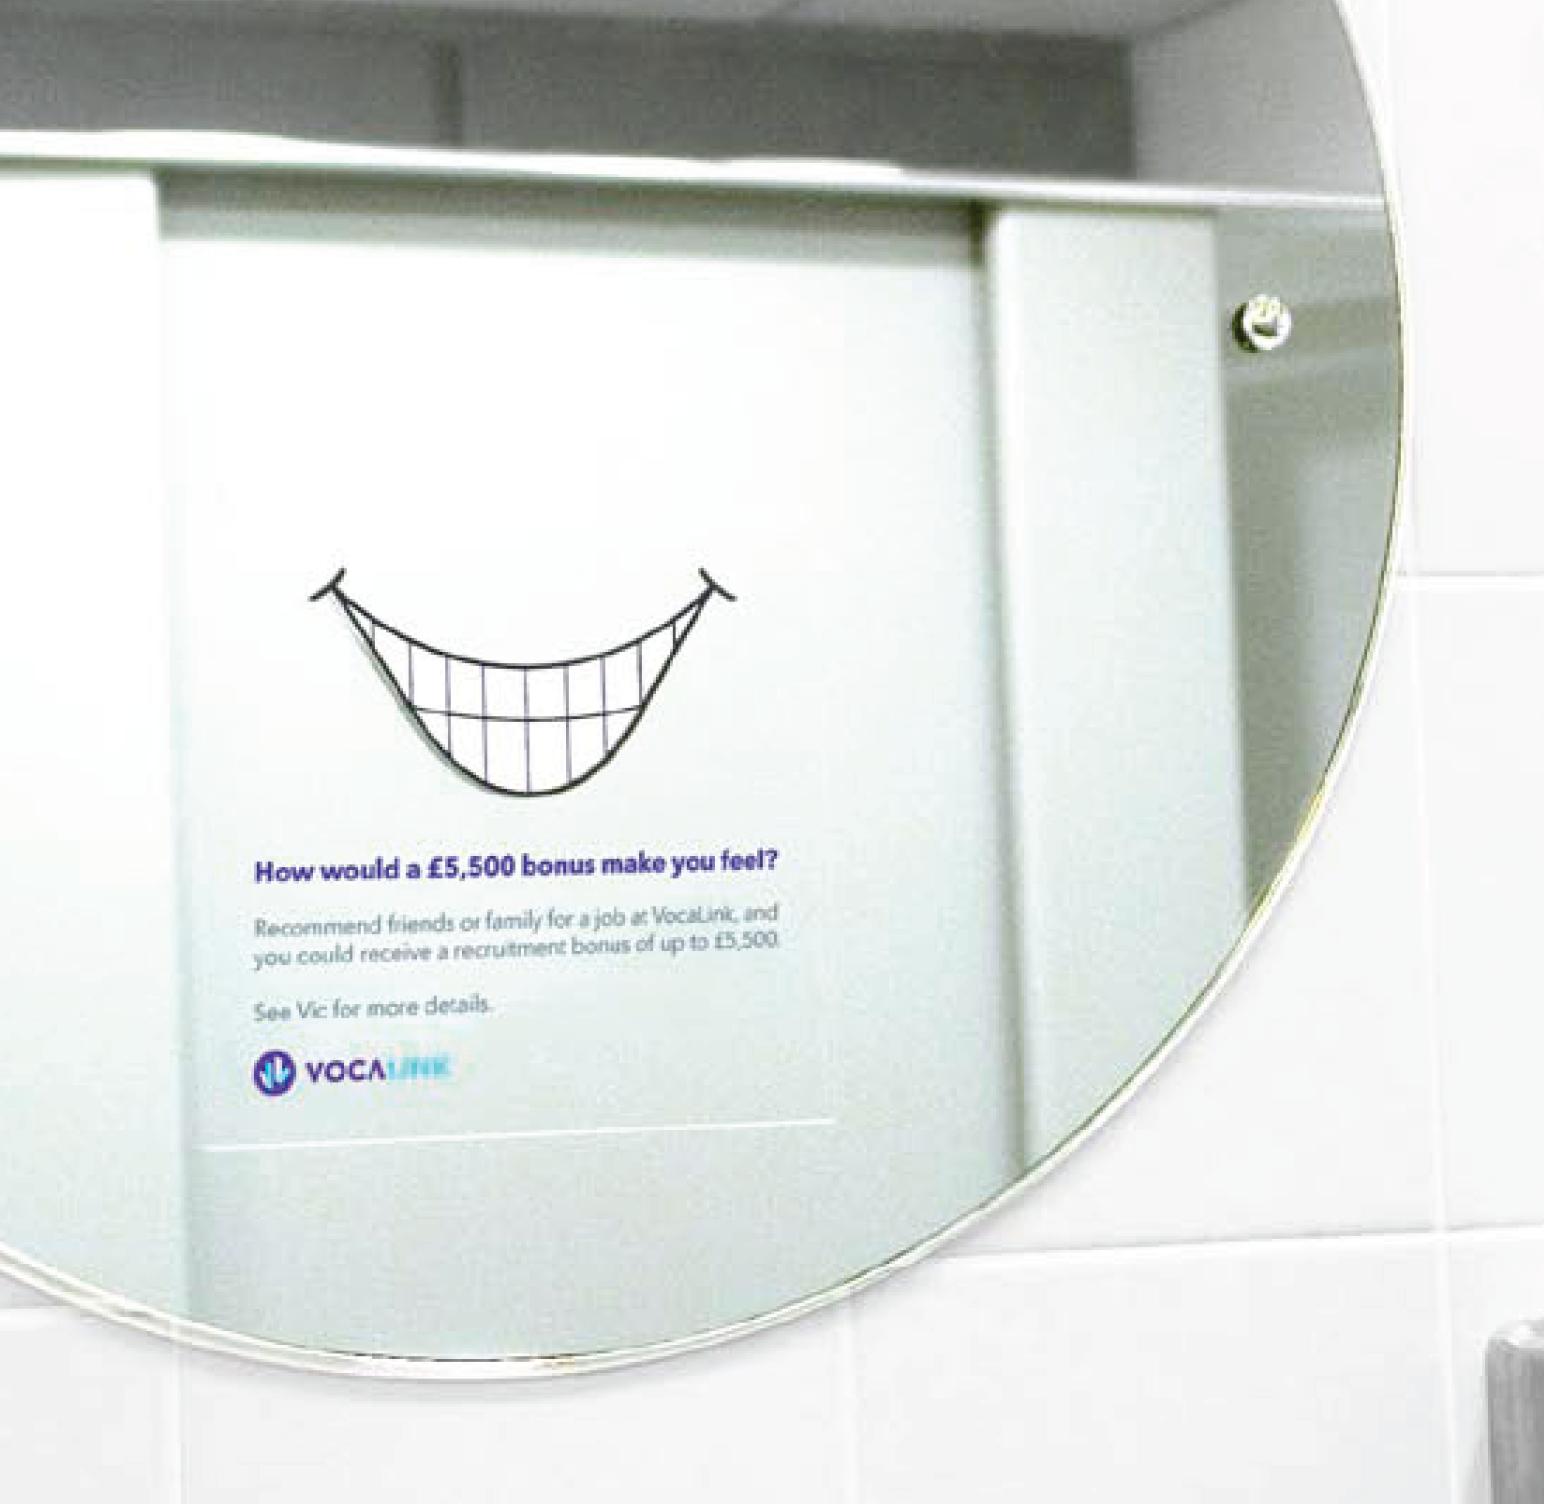 toybox_creative_vocalink_bathroom_door2.png